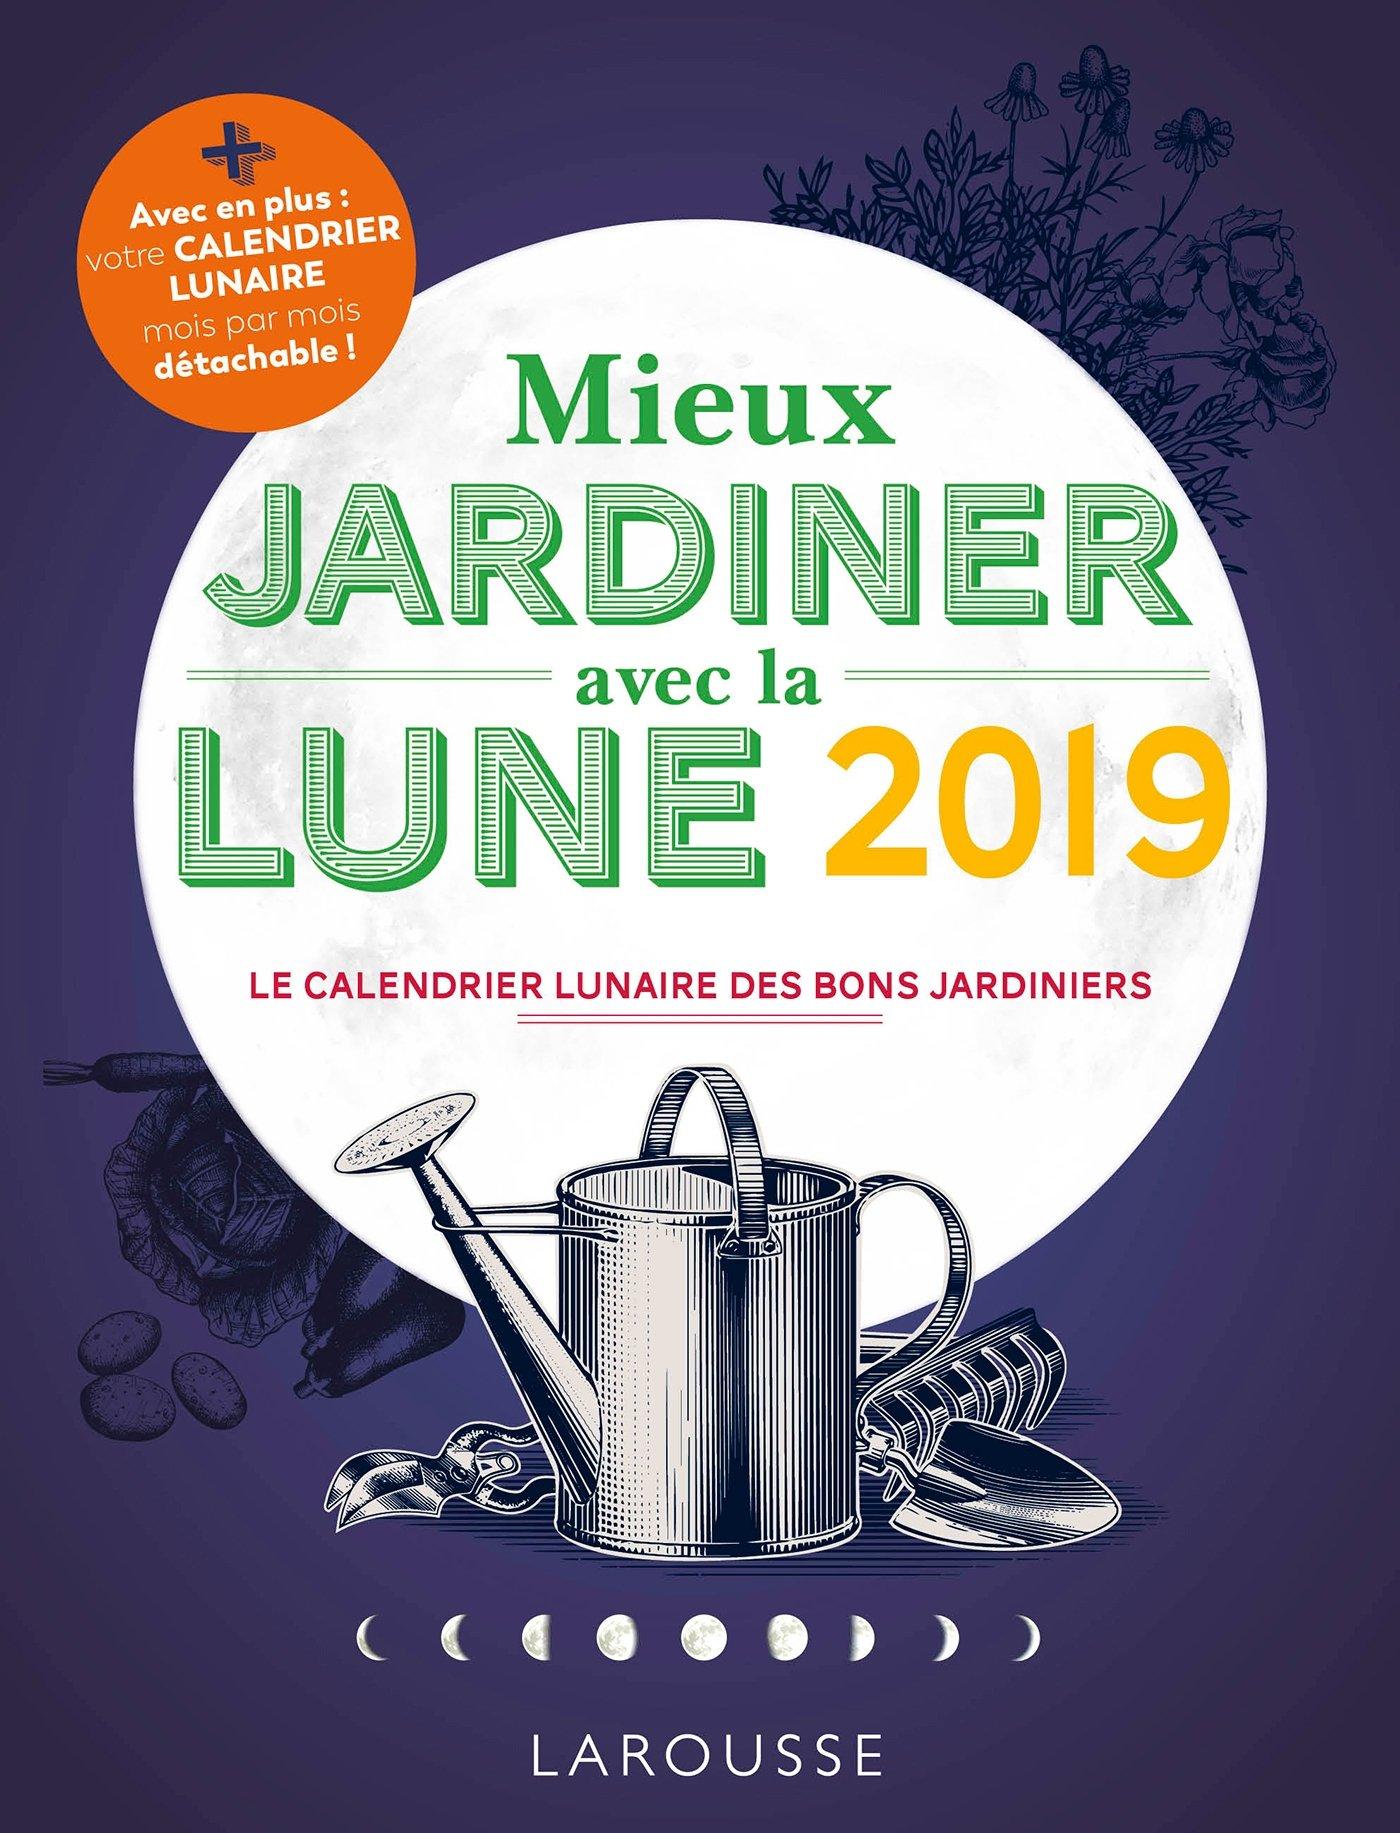 Mieux jardiner avec la lune 2019 Broché – 22 août 2018 Olivier Lebrun Larousse 2035954401 Jardinage